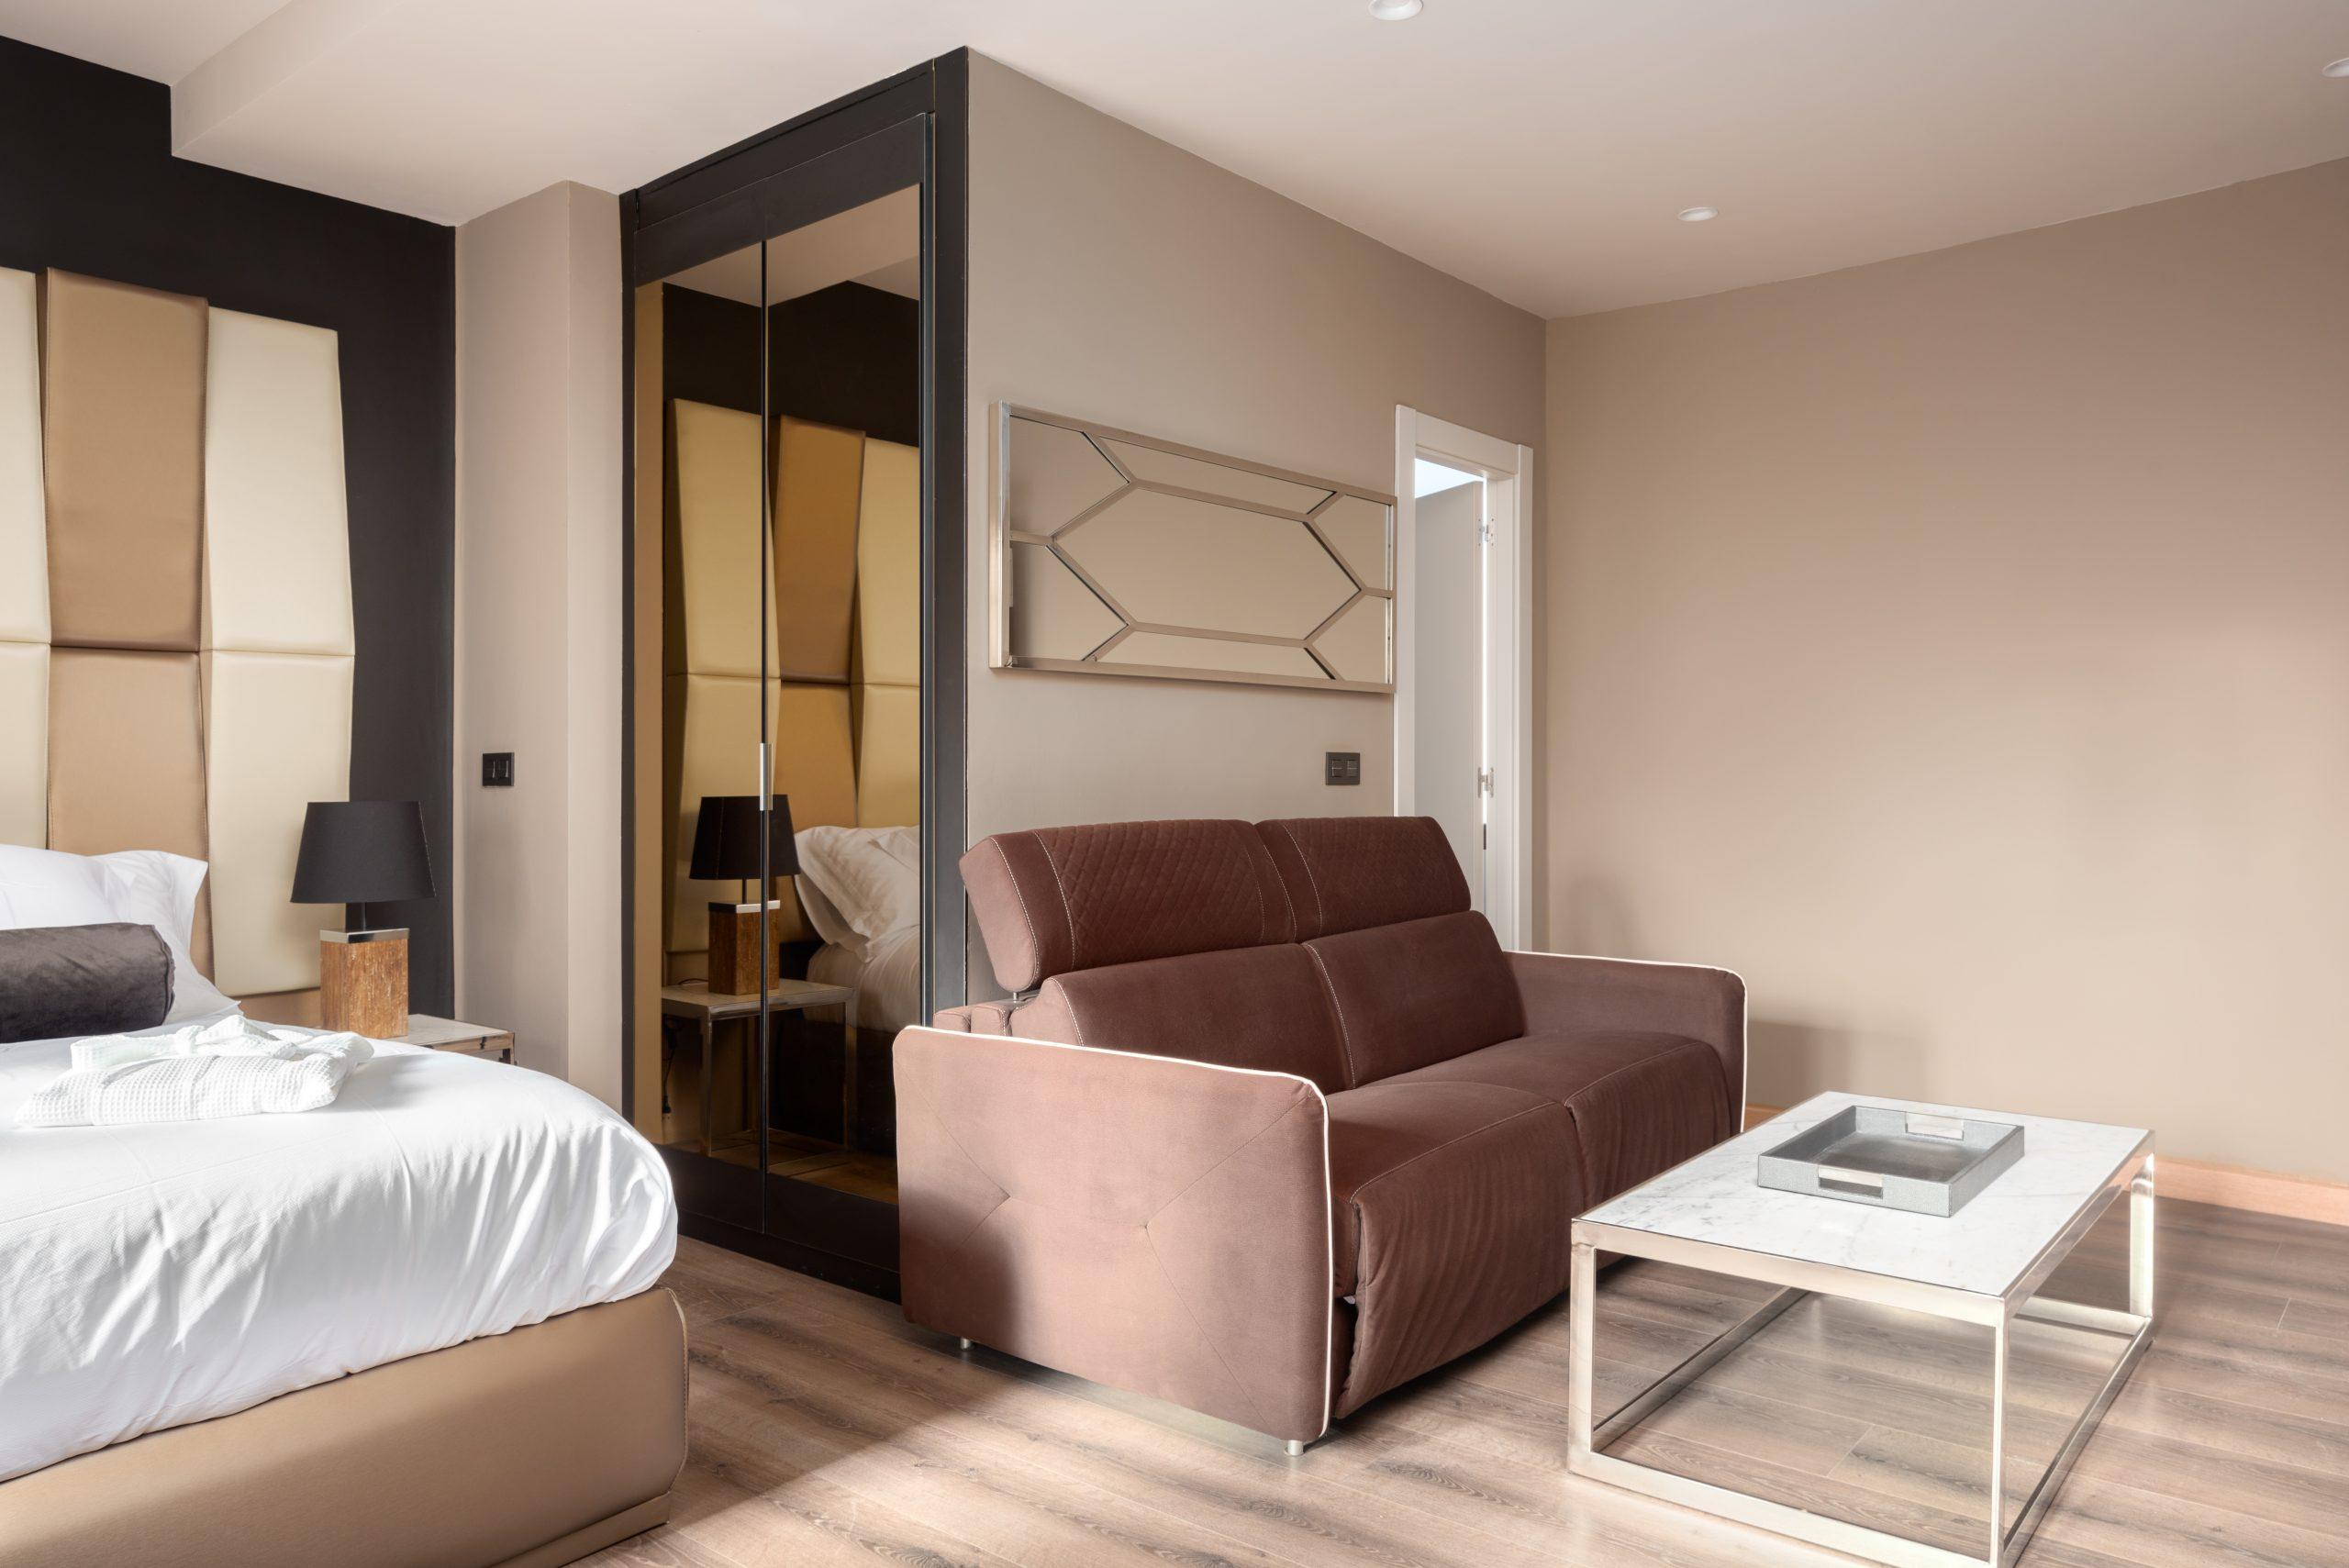 Apartamento-Suite-Atico-61-Oviedo-1907-02